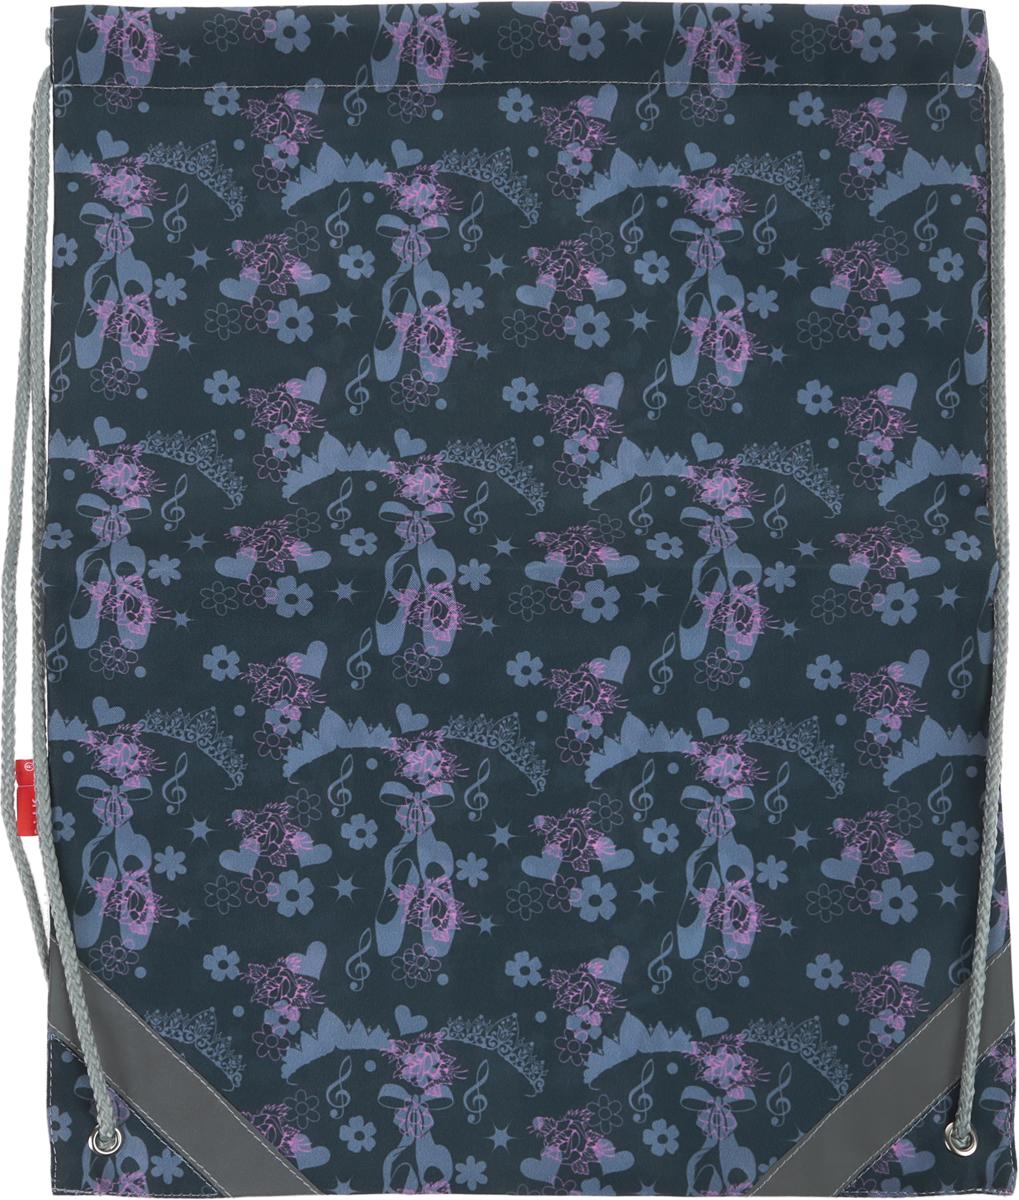 Erich Krause Сумка для сменной обуви Балет цвет шнурка серый41137Сумку Erich Krause Балет удобно использовать как для хранения, так и для переноски сменной обуви. Сумка выполнена из прочного полиэстера и оформлена ярким принтом с изображением цветов и пуант.Сумка затягивается сверху при помощи текстильных шнурков. Шнурки фиксируются в нижней части сумки, благодаря чему ее можно носить за спиной как рюкзак. Светоотражающие вставки на сумке не оставят вашего ребенка незамеченным в темное время суток.